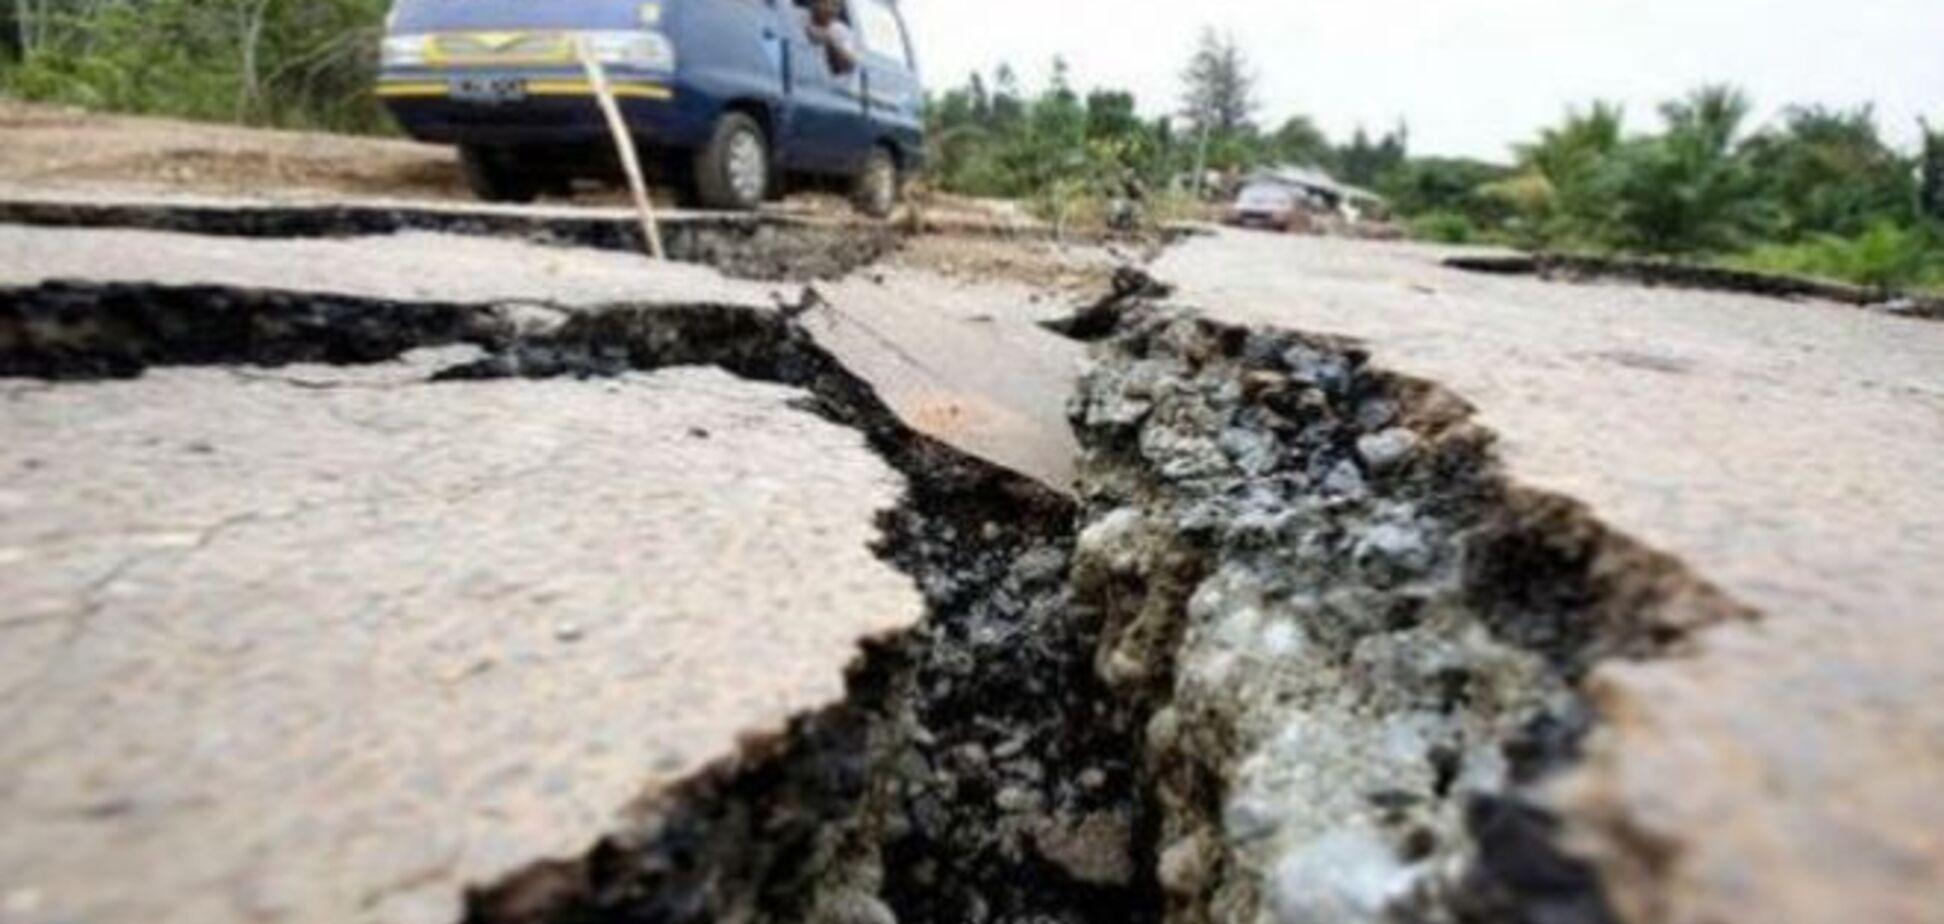 На Землі формується новий суперконтинент: землетруси будуть дедалі частішими